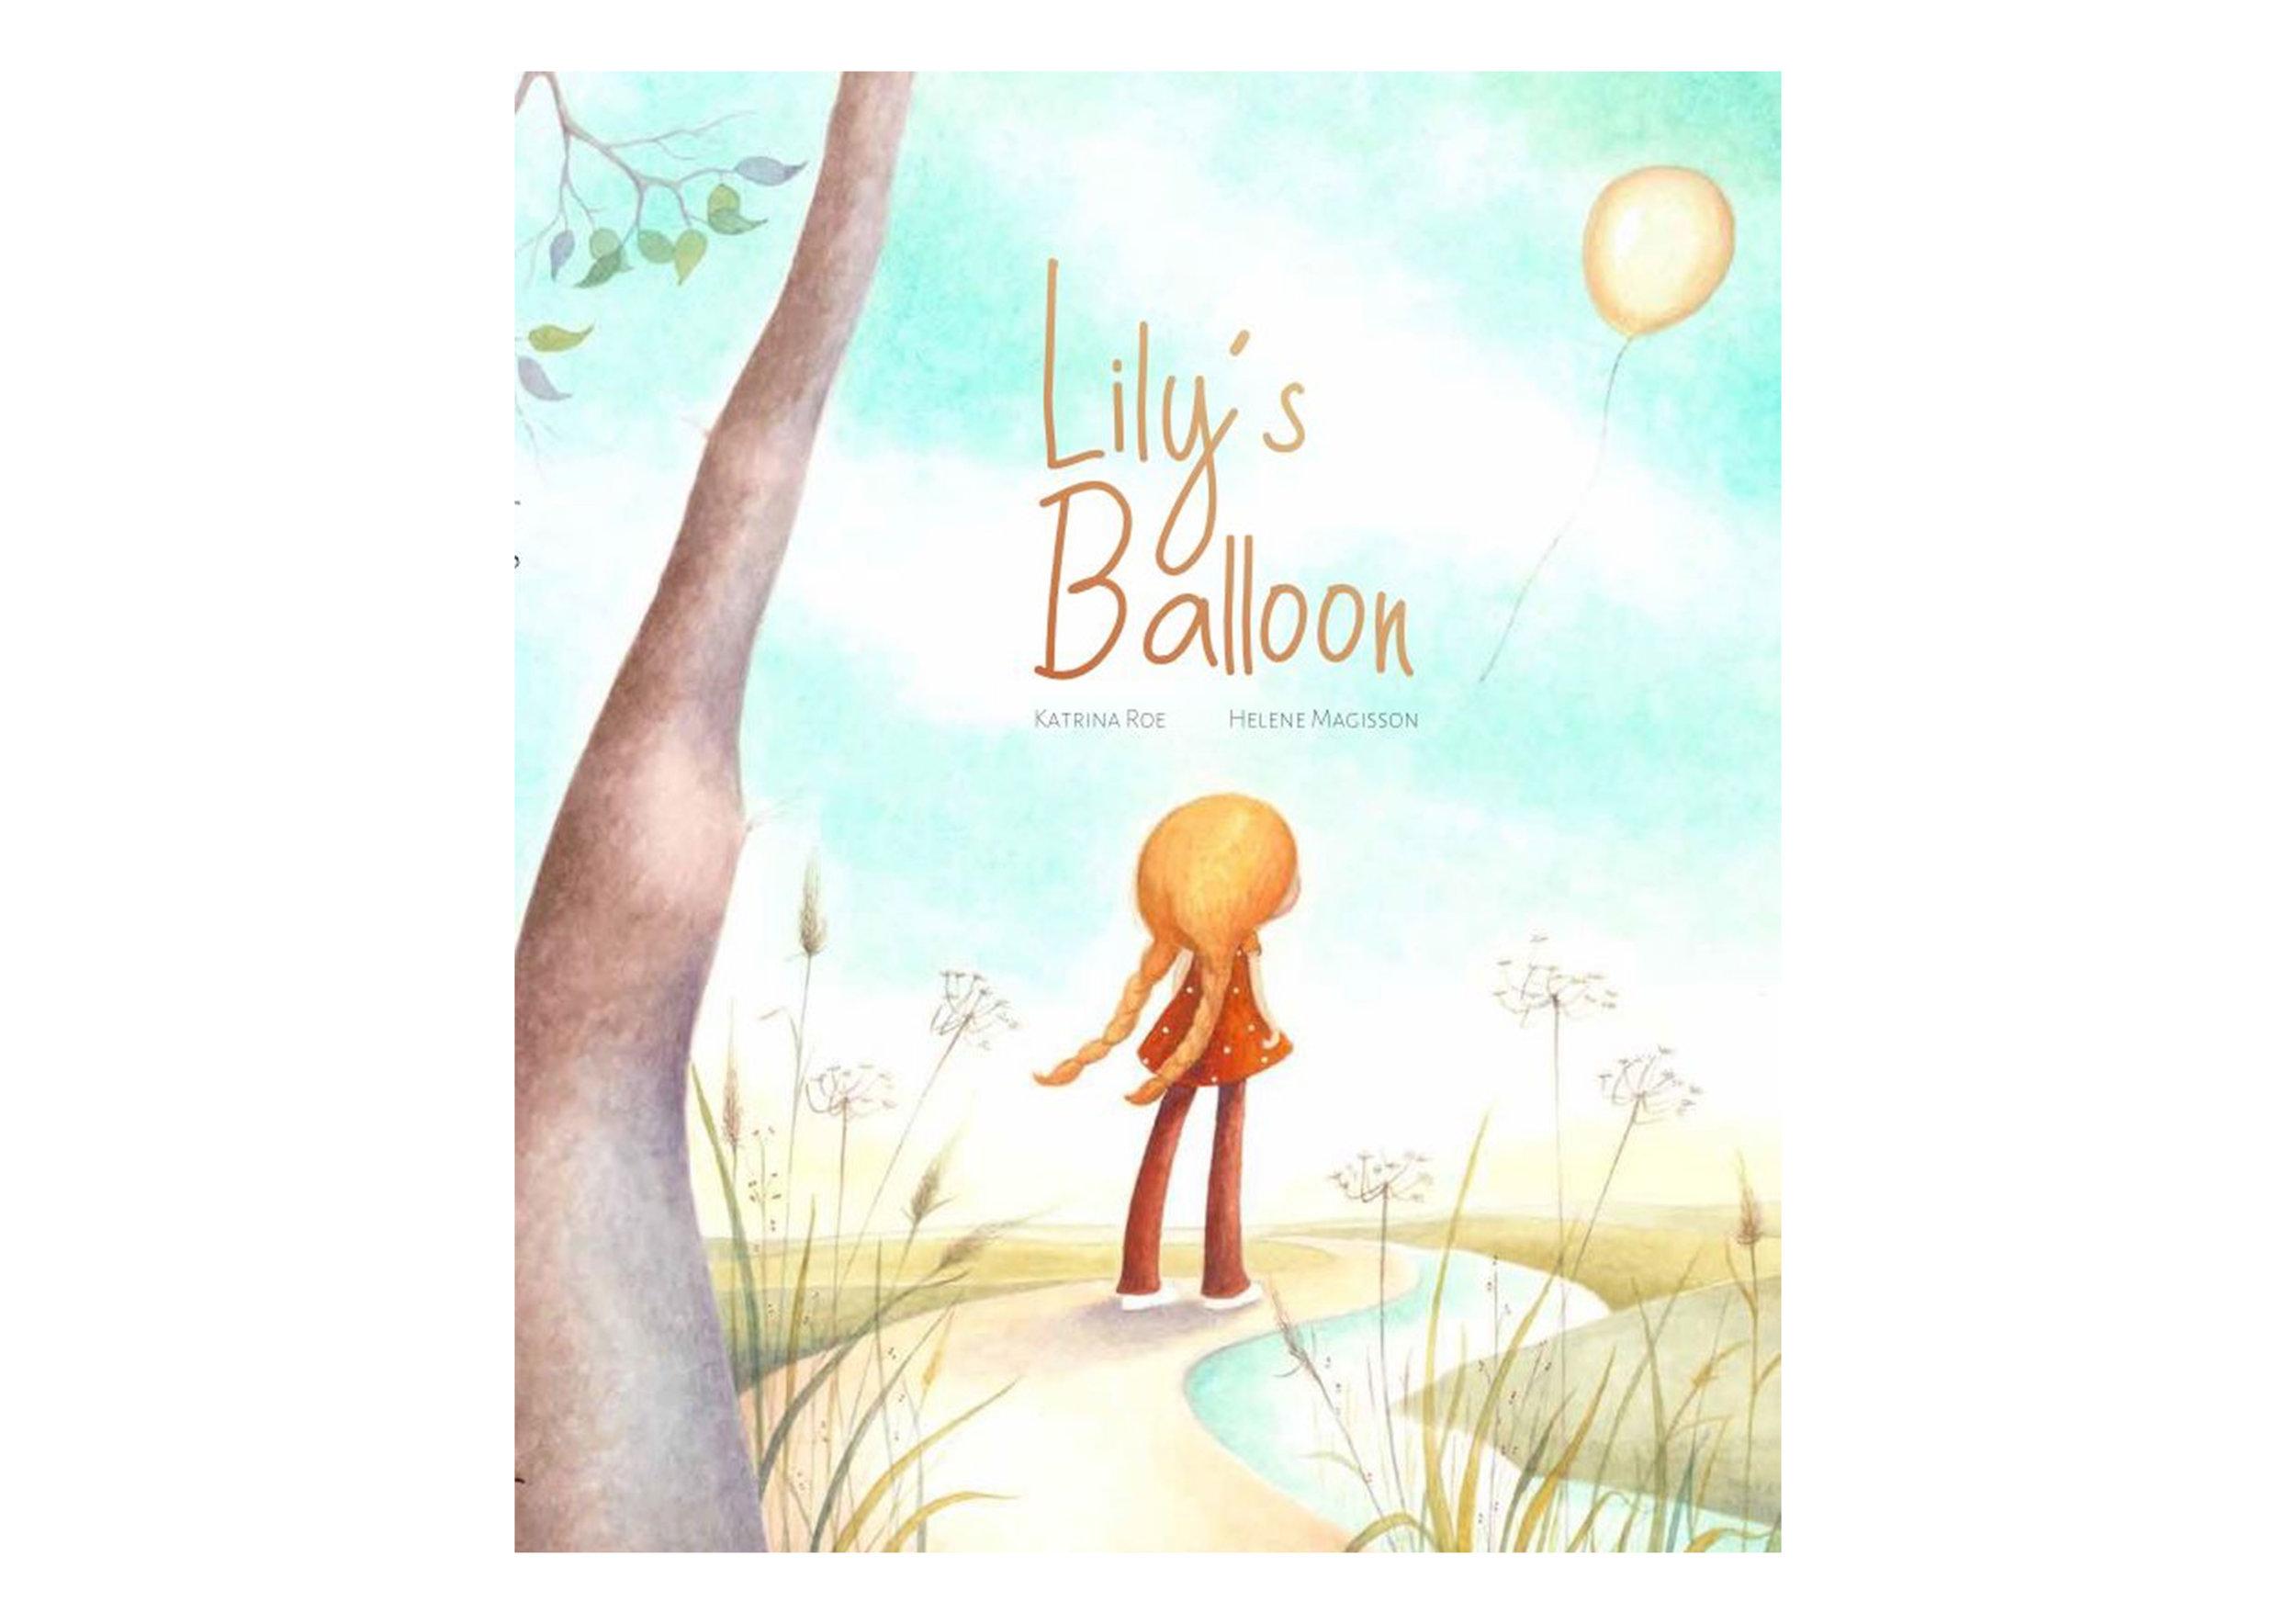 Lily's Balloon edited LR for website.jpgA3.4.jpg